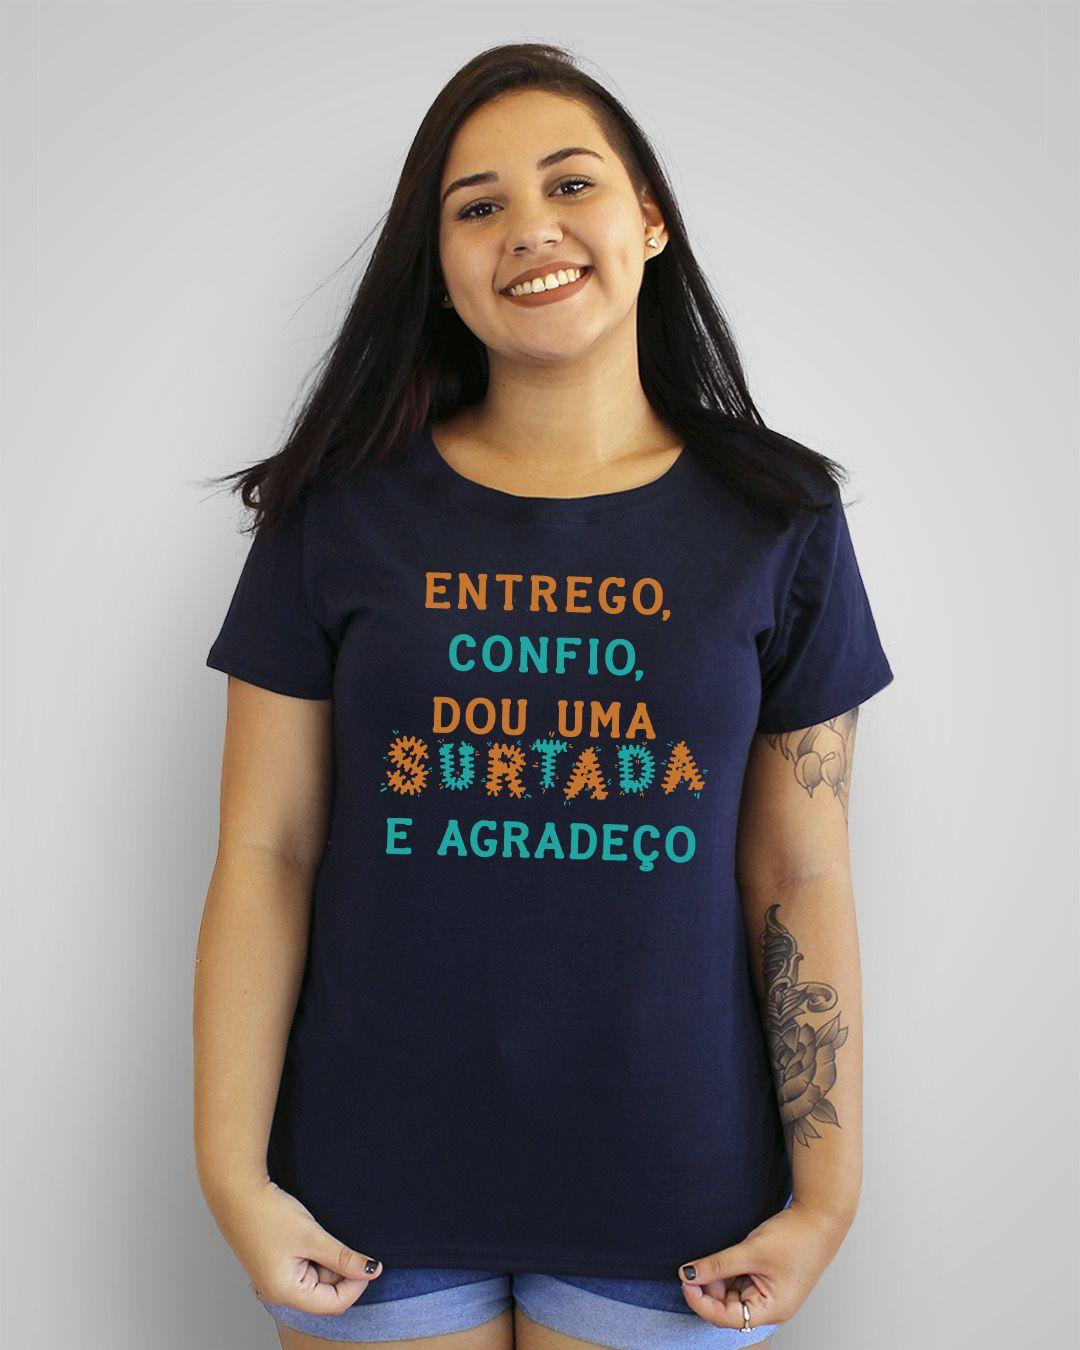 Camiseta Entrego, confio, dou uma surtada e agradeço